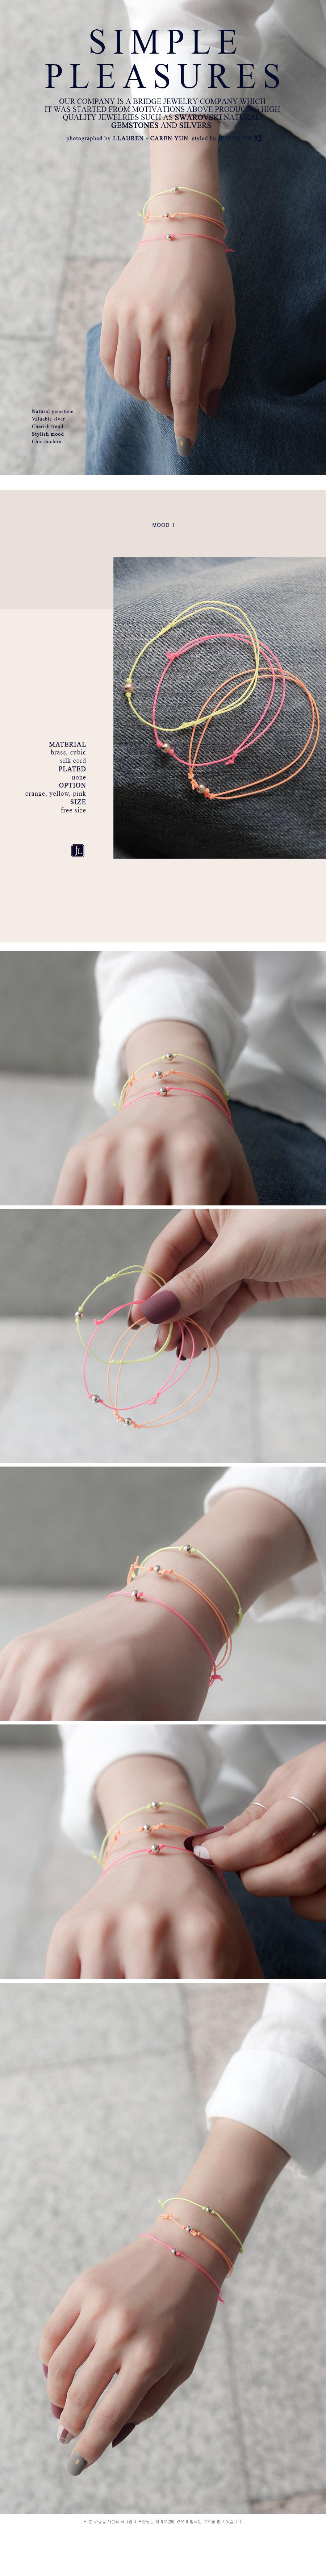 제이로렌 SB0220 바캉스 실버볼 형광 매듭팔찌 - 바이데이지, 12,000원, 팔찌, 패션팔찌